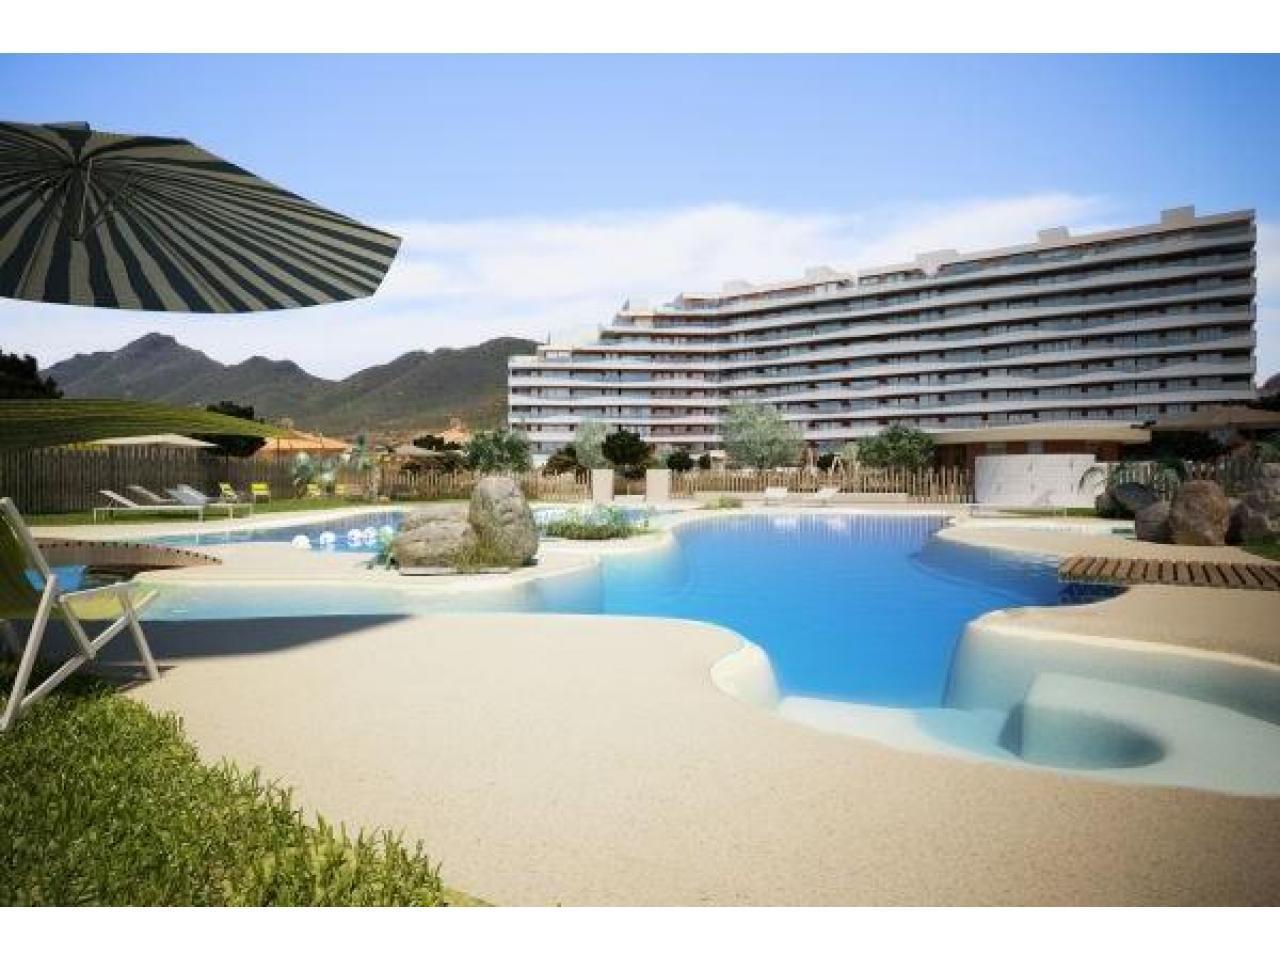 Недвижимость в Испании, Новые квартиры на первой линии пляжа от застройщика в Ла Манга - 3